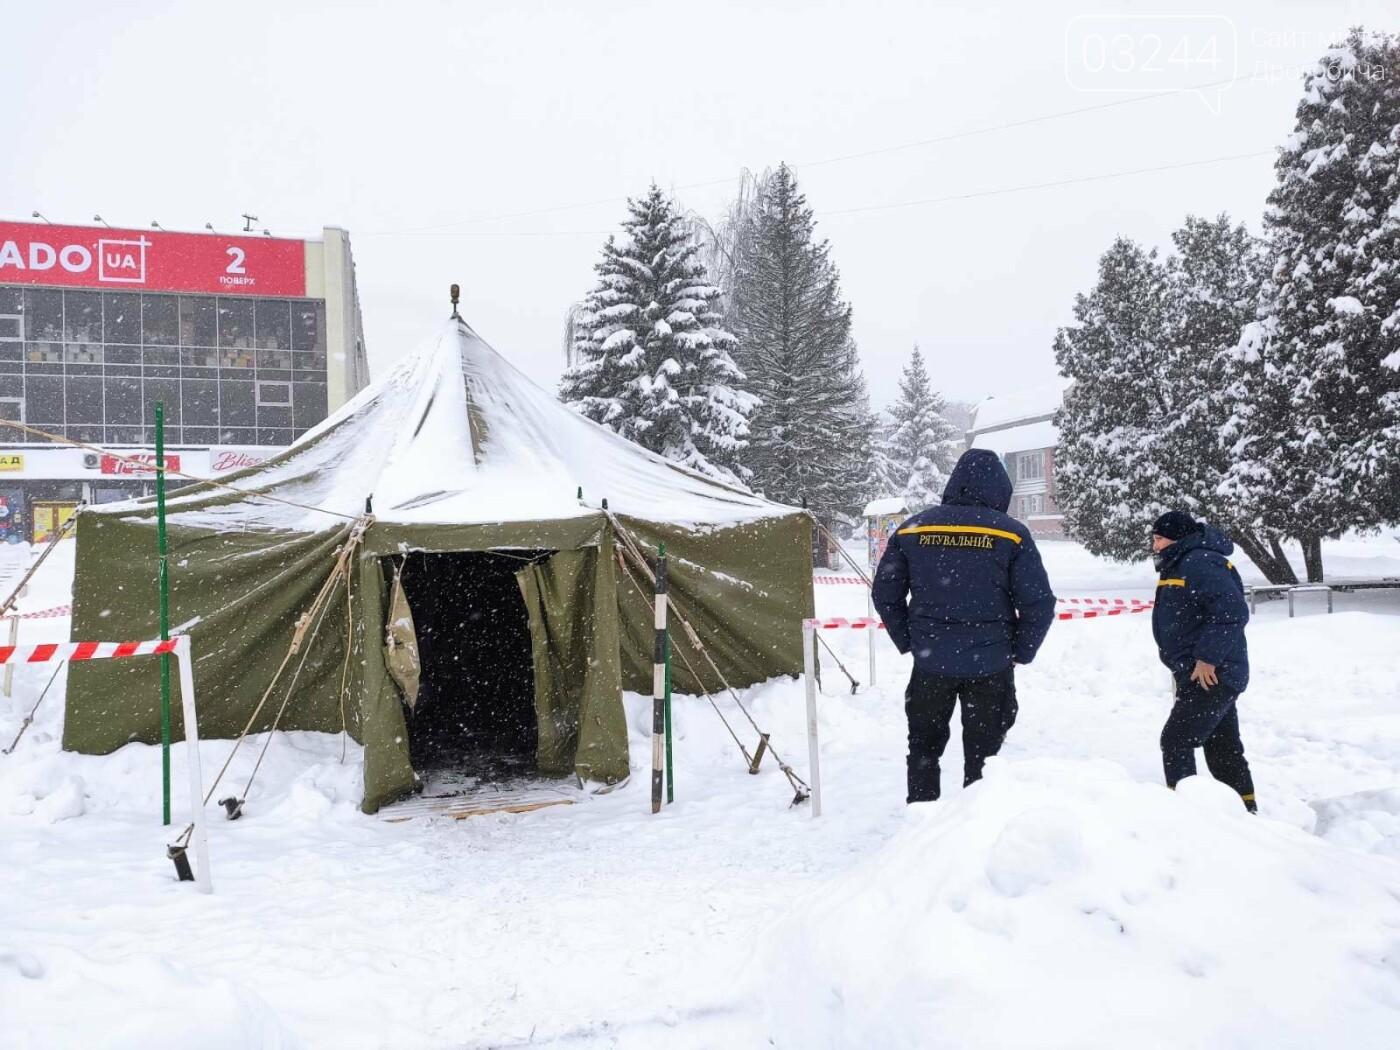 Щоб не замерзнути: у Дрогобичі розгорнули 2 пункти обігріву - один тимчасовий, інший - стаціонарний, фото-7